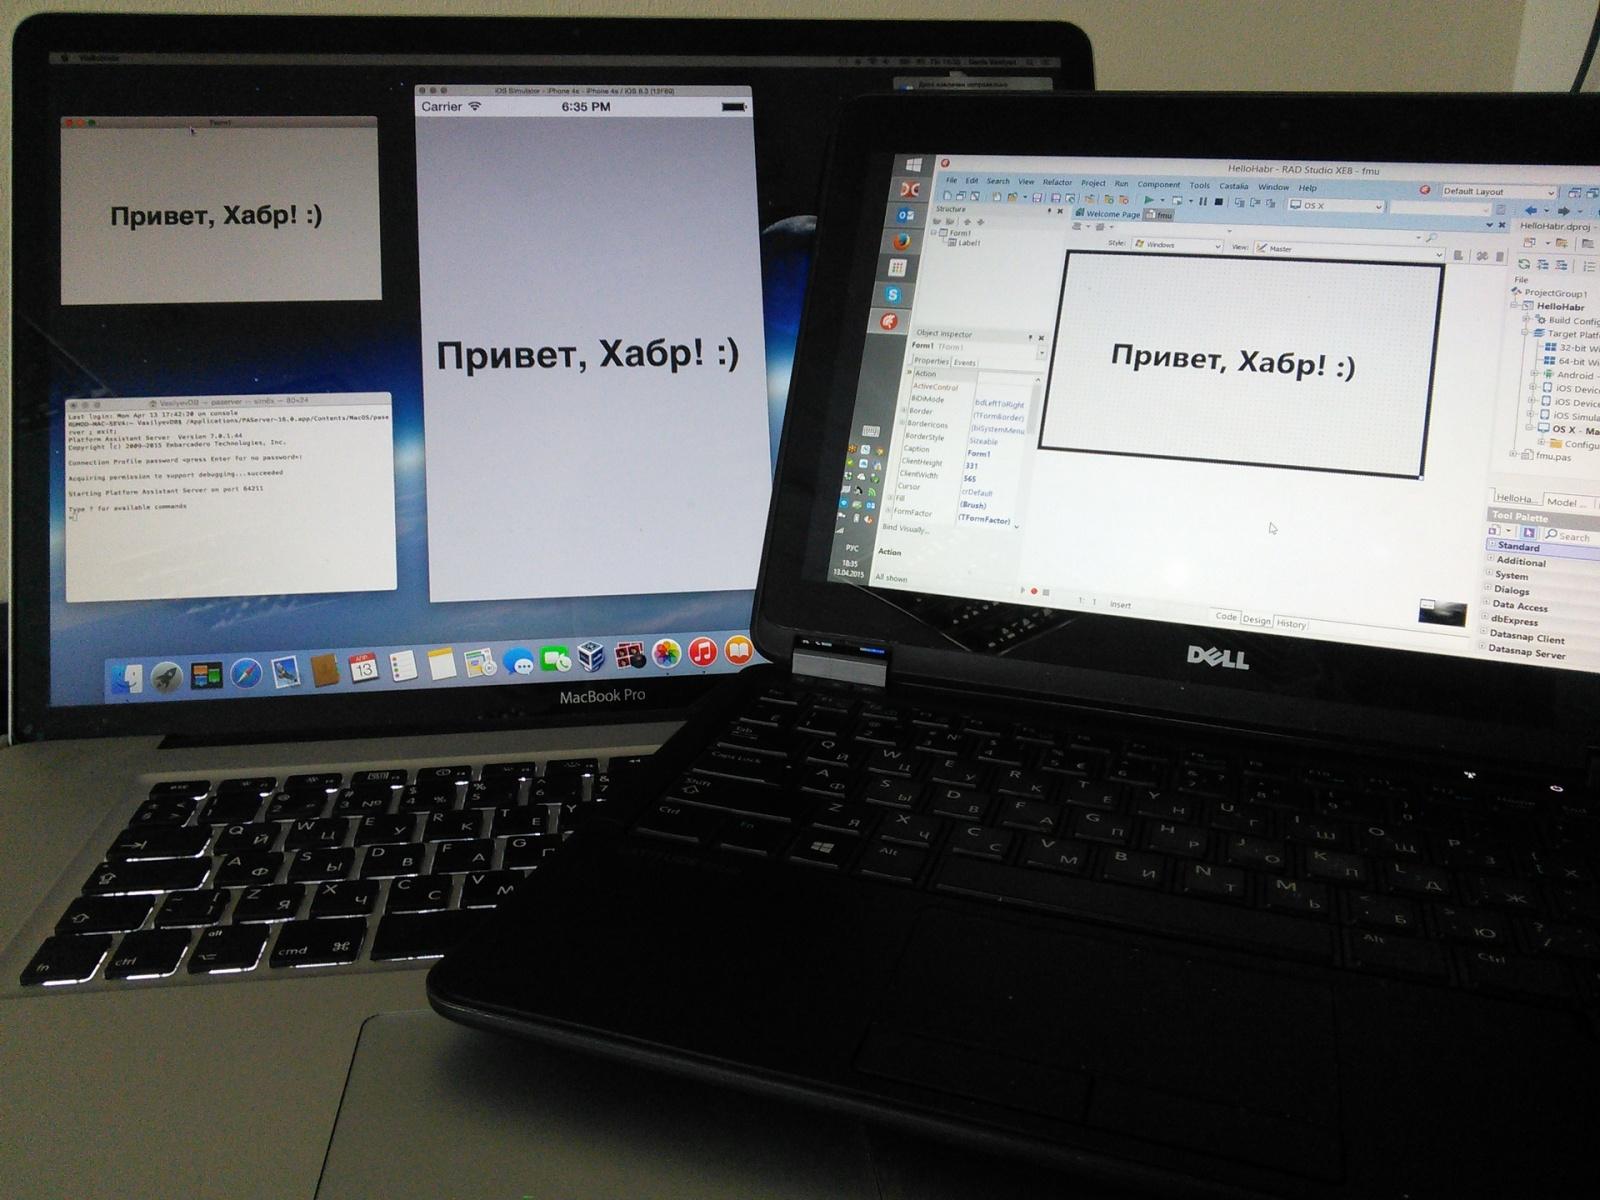 Как настроить Mac OS X, iOS-симулятор и RAD Studio XE8 (Delphi, C++ Builder) - 32